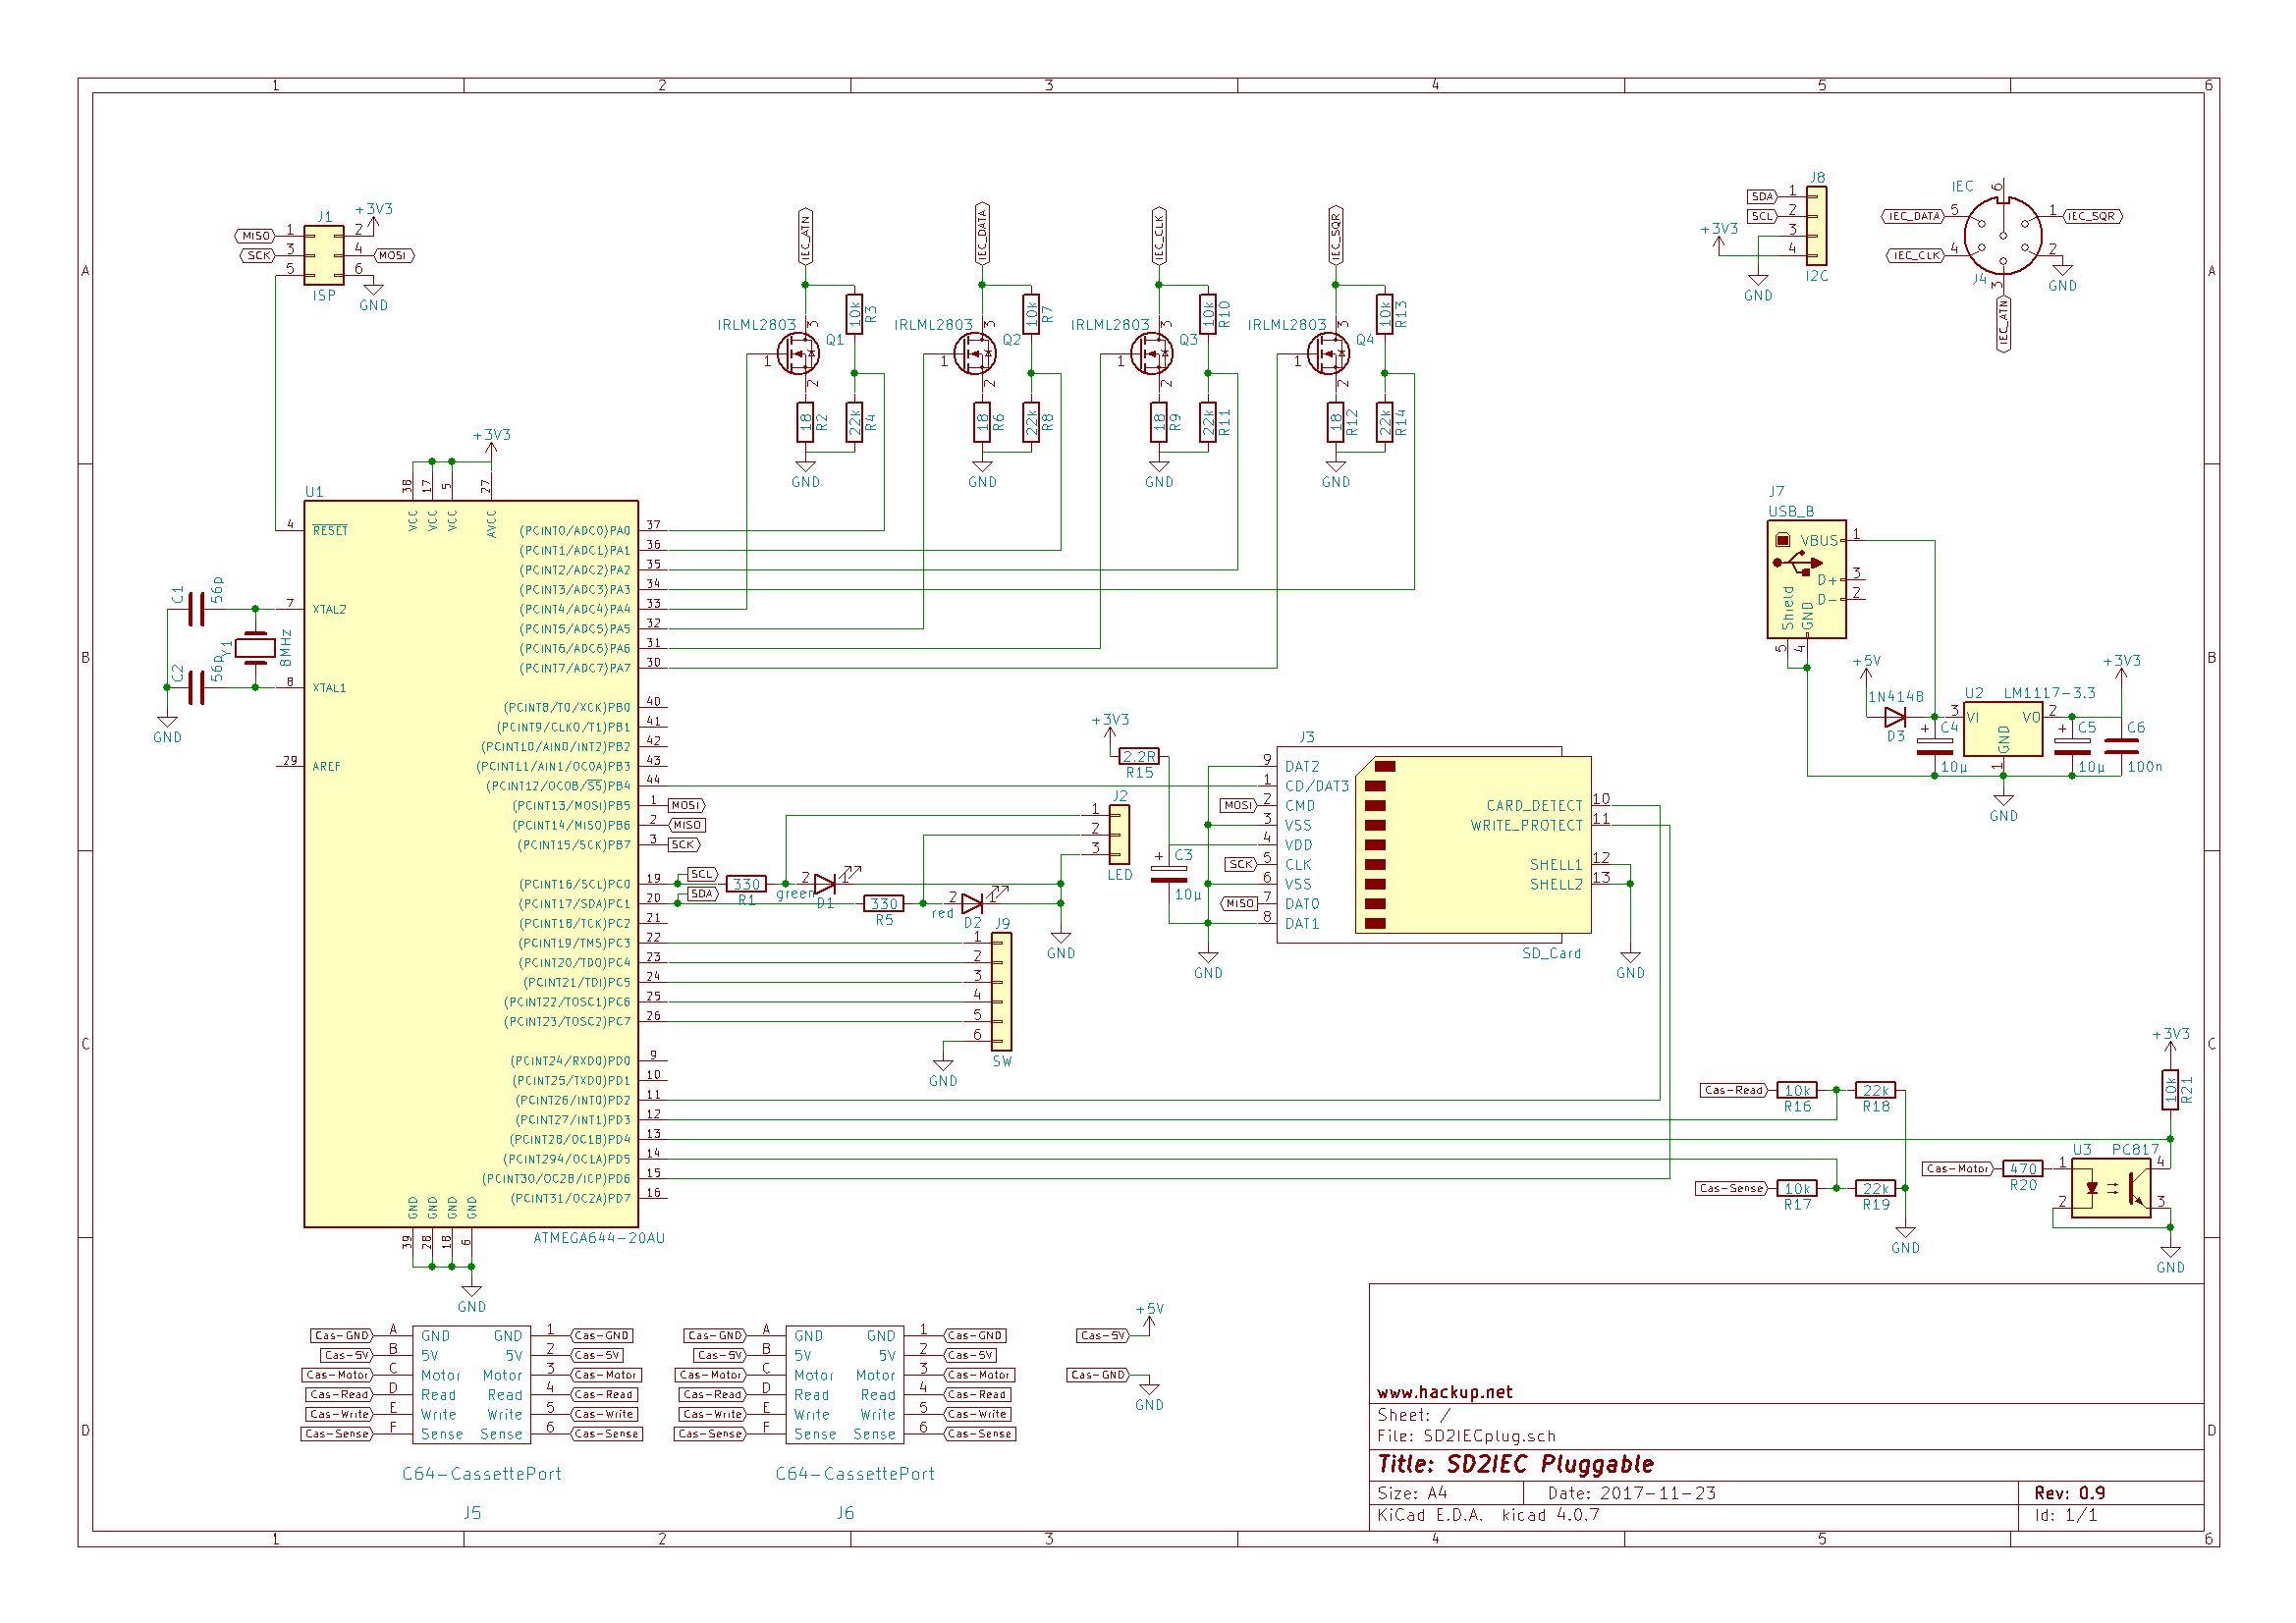 schematics0.9